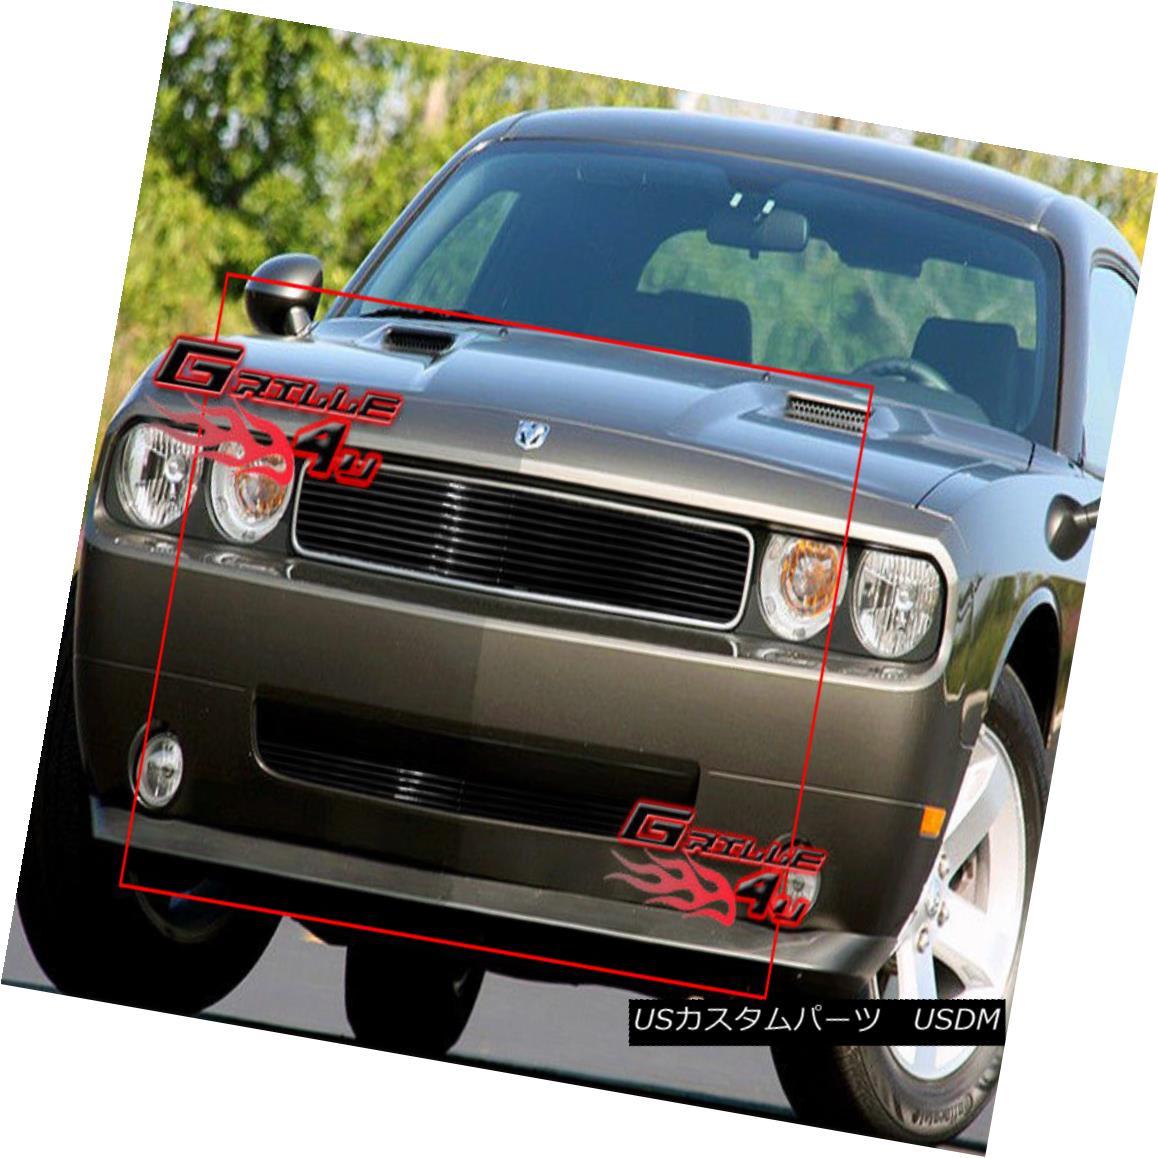 グリル For 09-10 Dodge Challenger Black Billet Grille Combo 09-10ダッジチャレンジャーブラックビレットグリルコンボ用